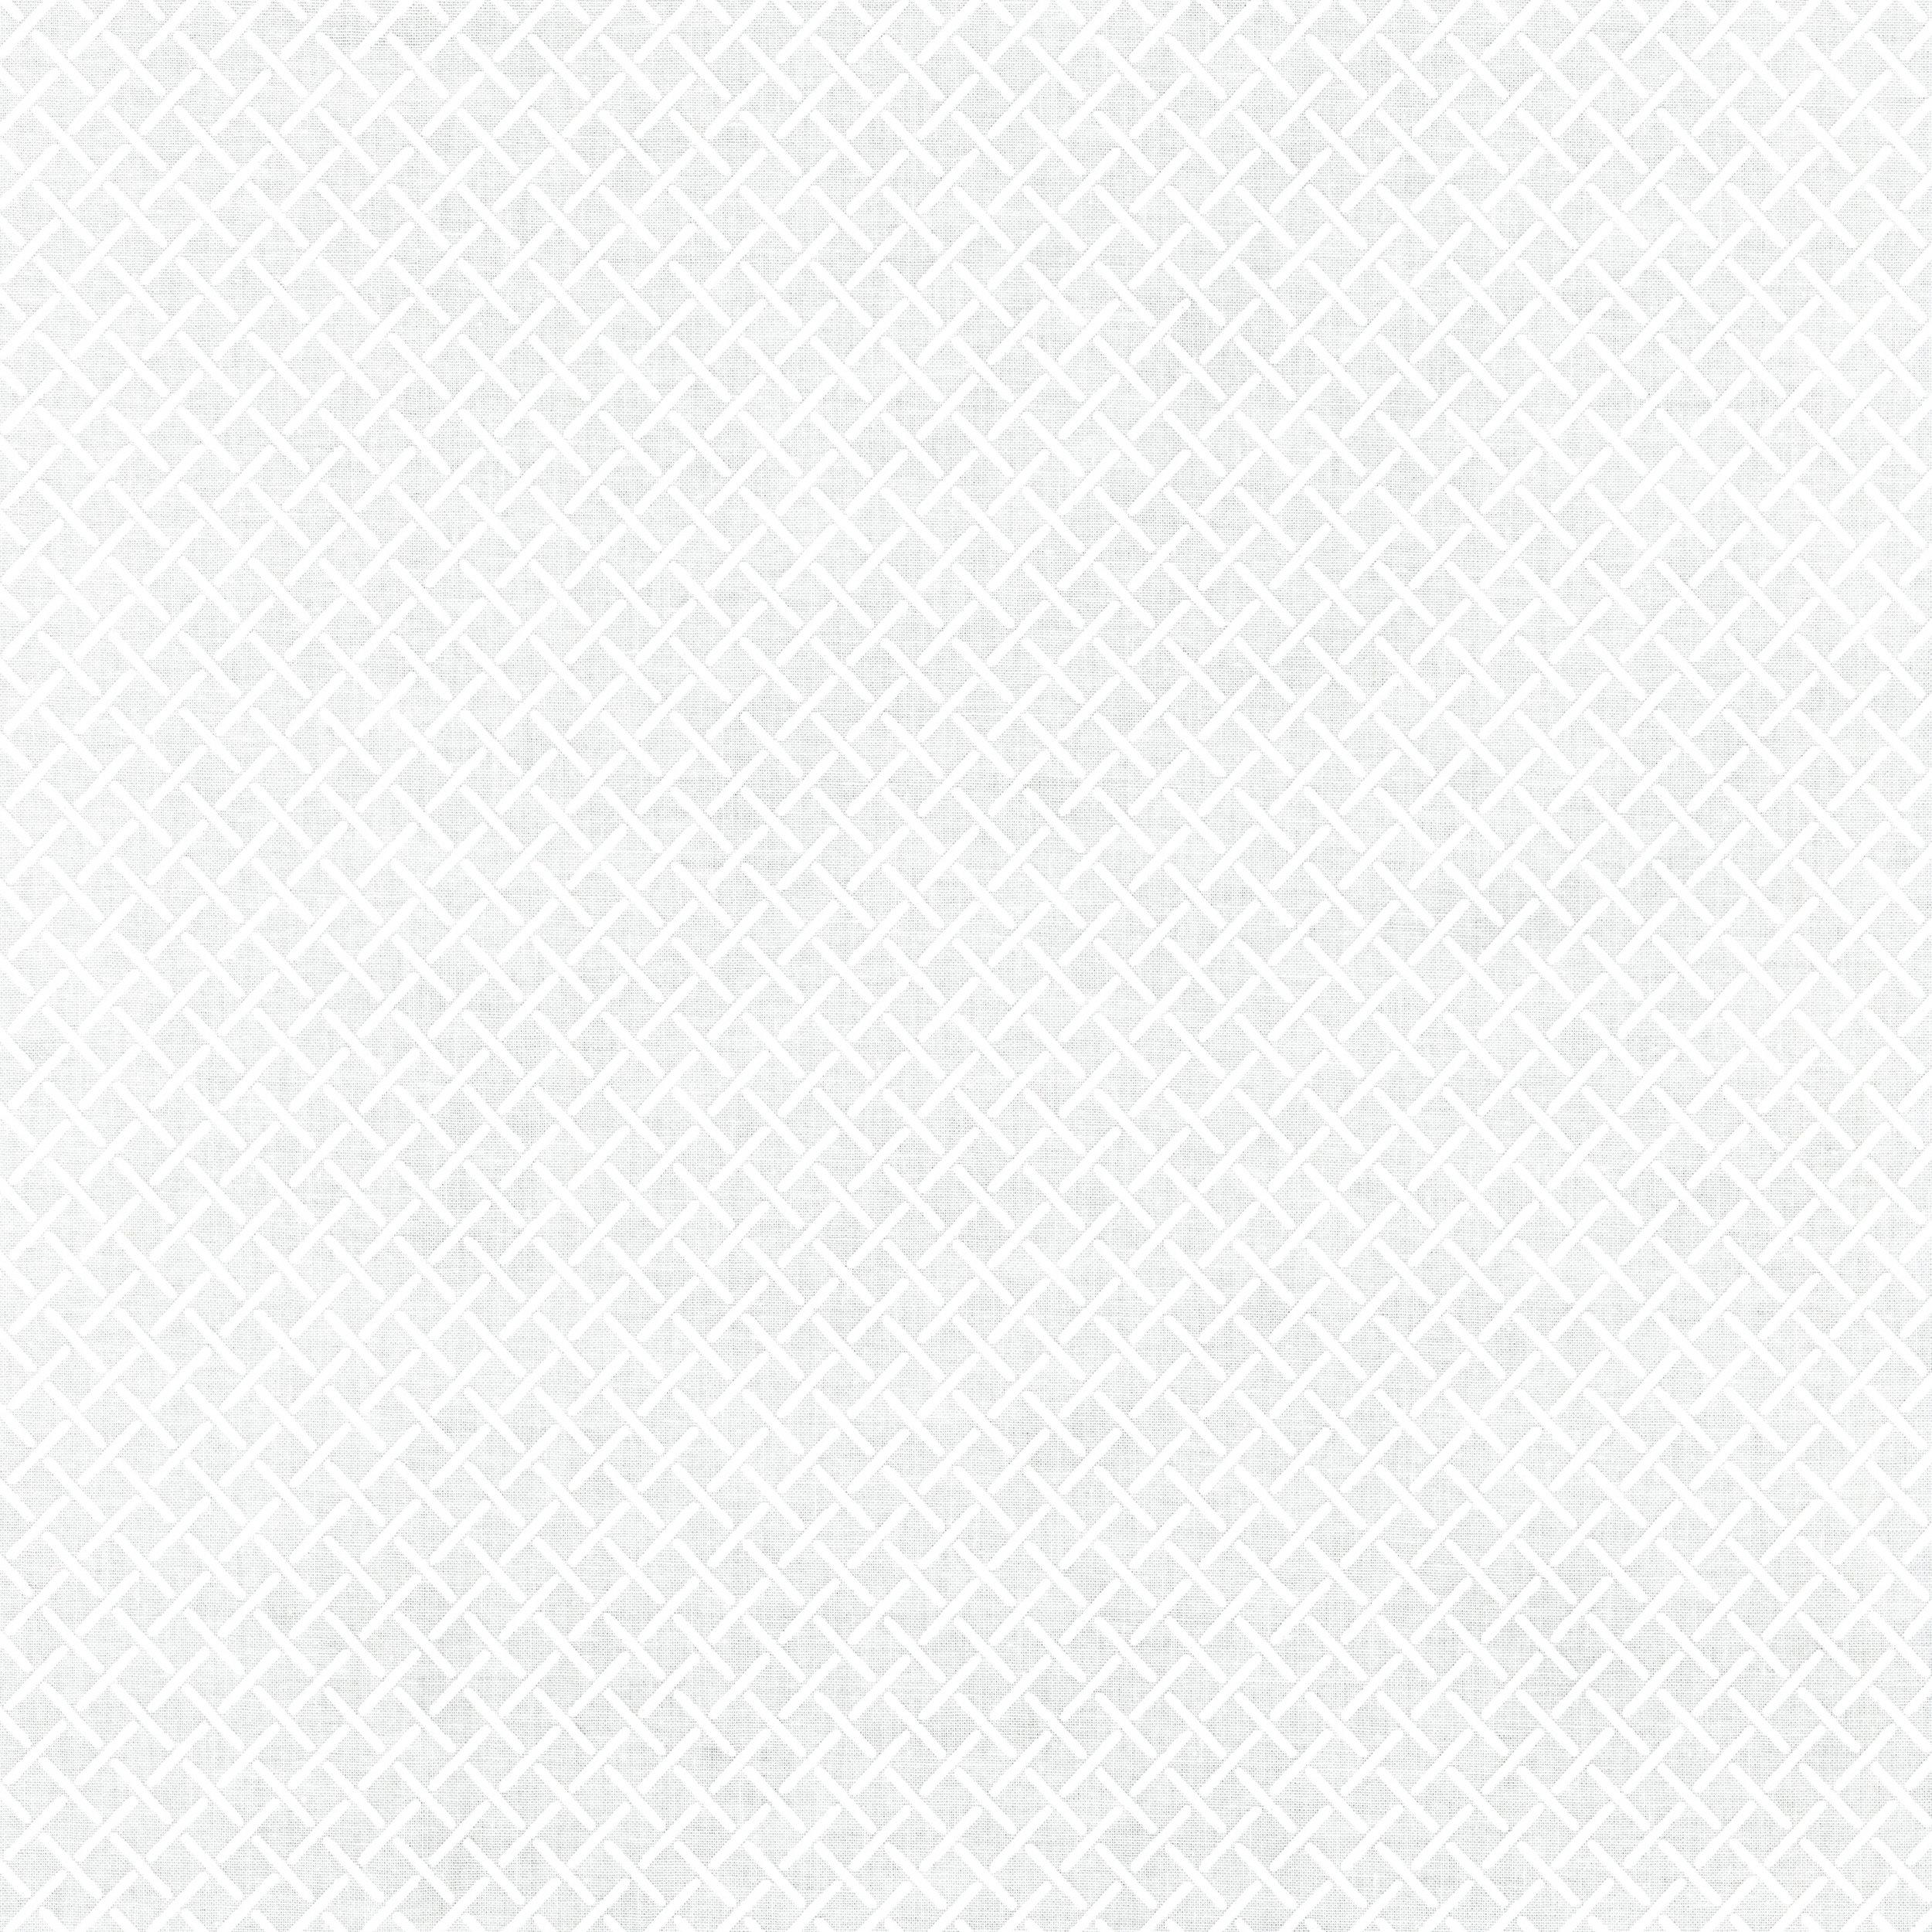 AVL-18153-1 Raffia Weave WHITE